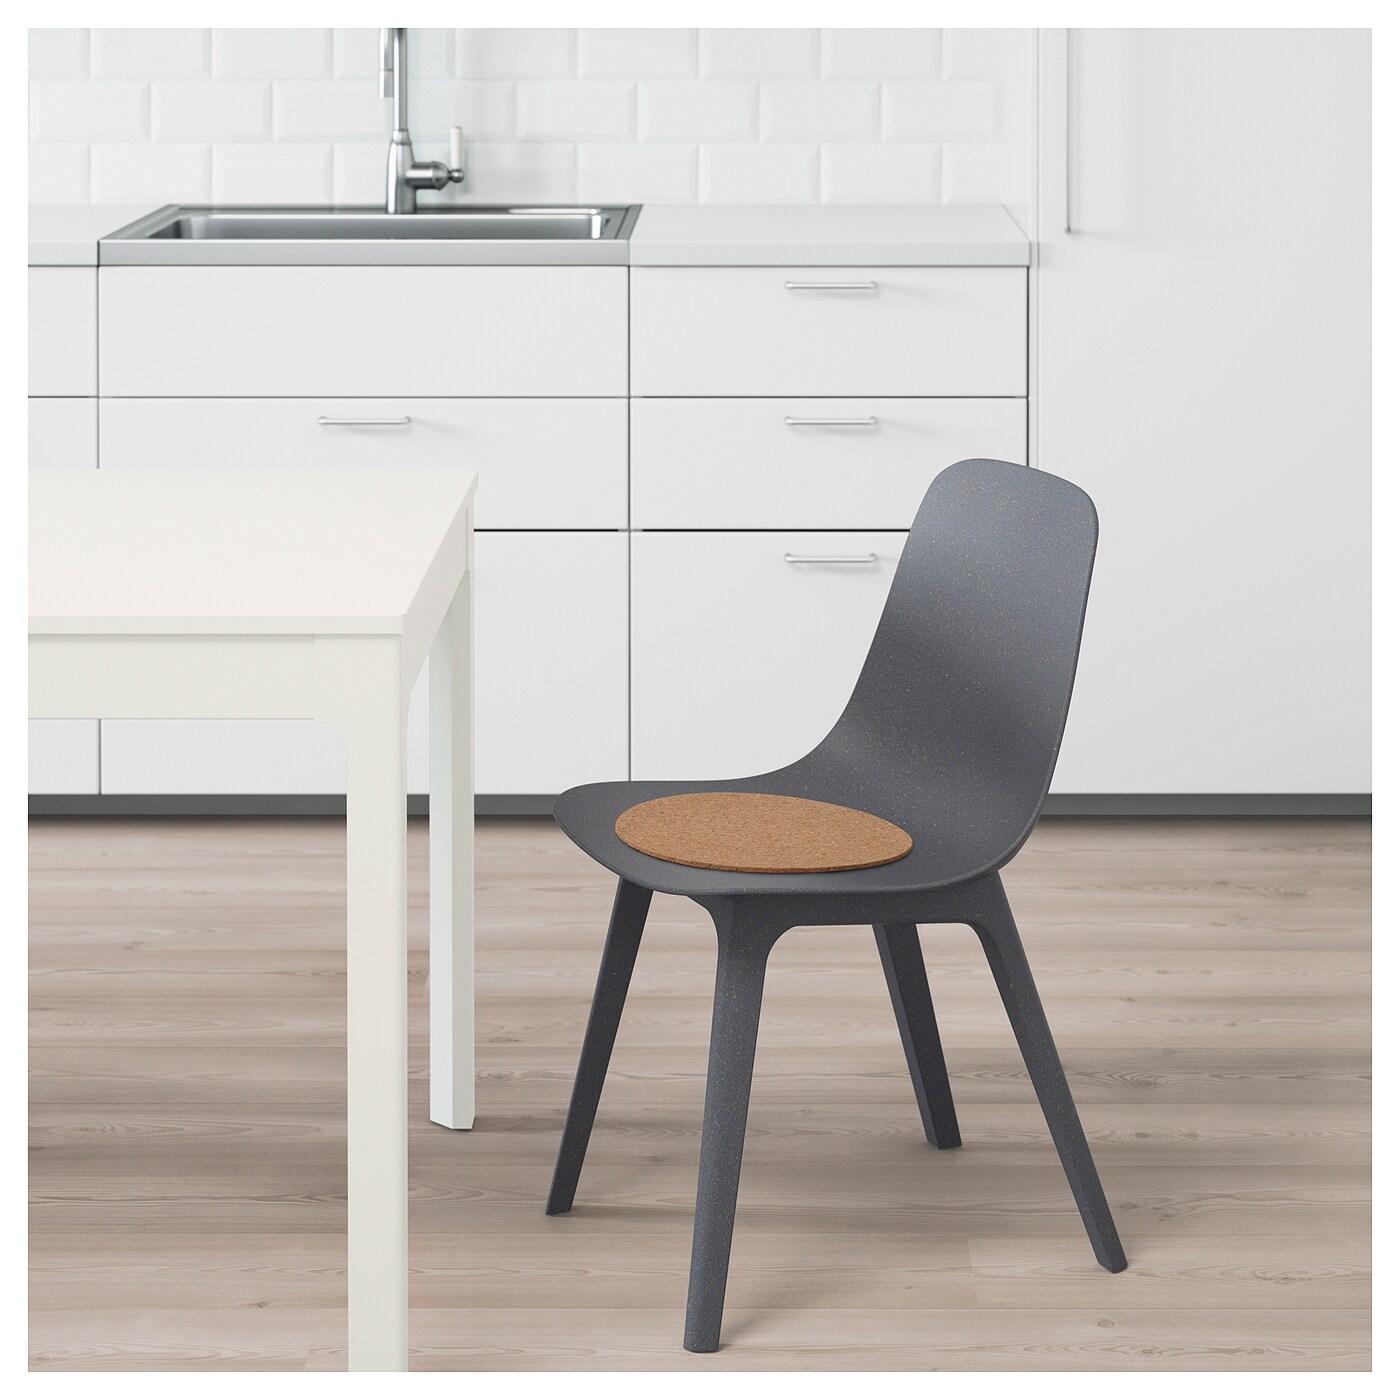 KVÄLLSFLY Chair pad Cork 35 cm - IKEA